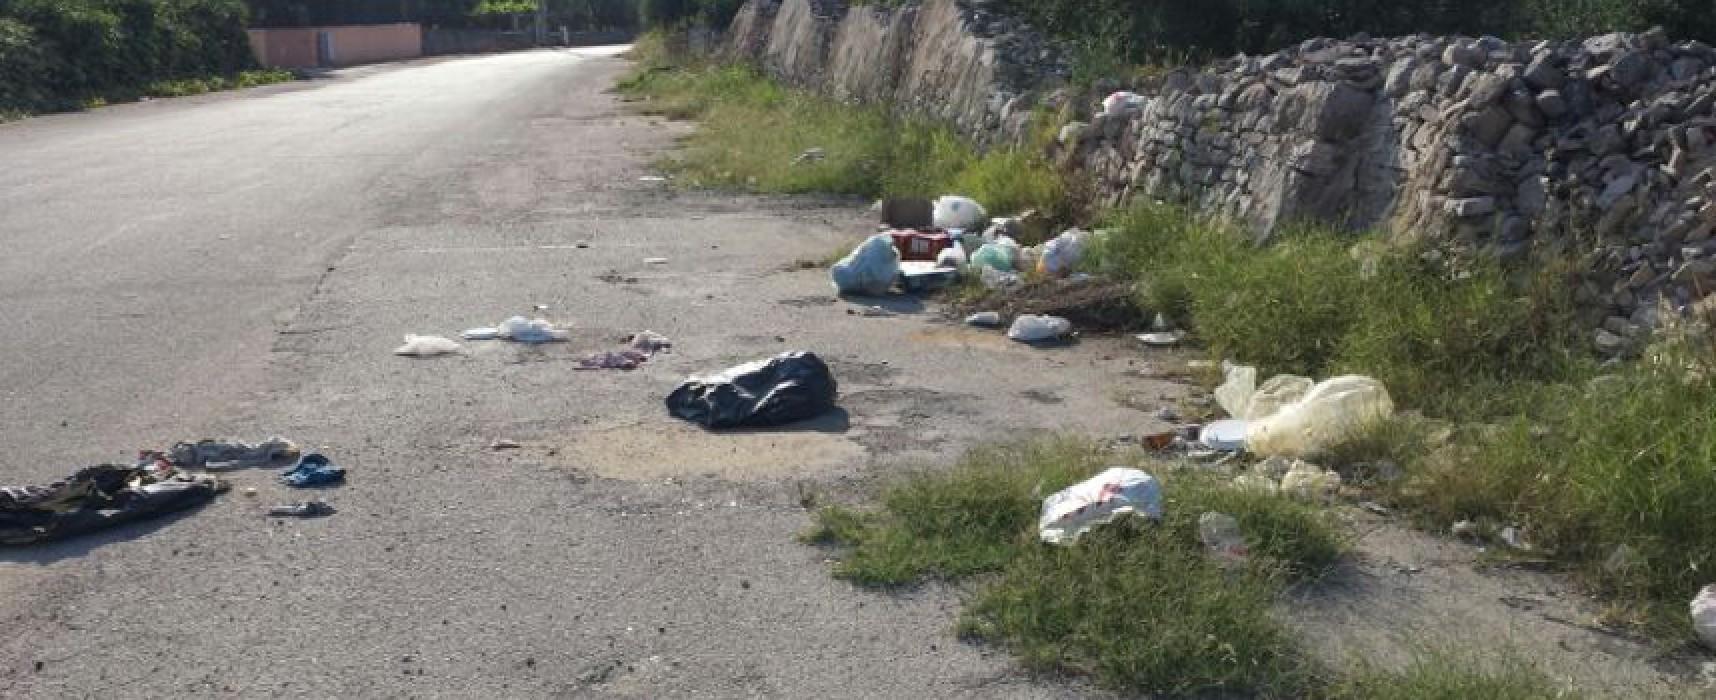 Giano bifronte: da una parte arte e devozione, dall'altra abbandono e spazzatura / FOTO